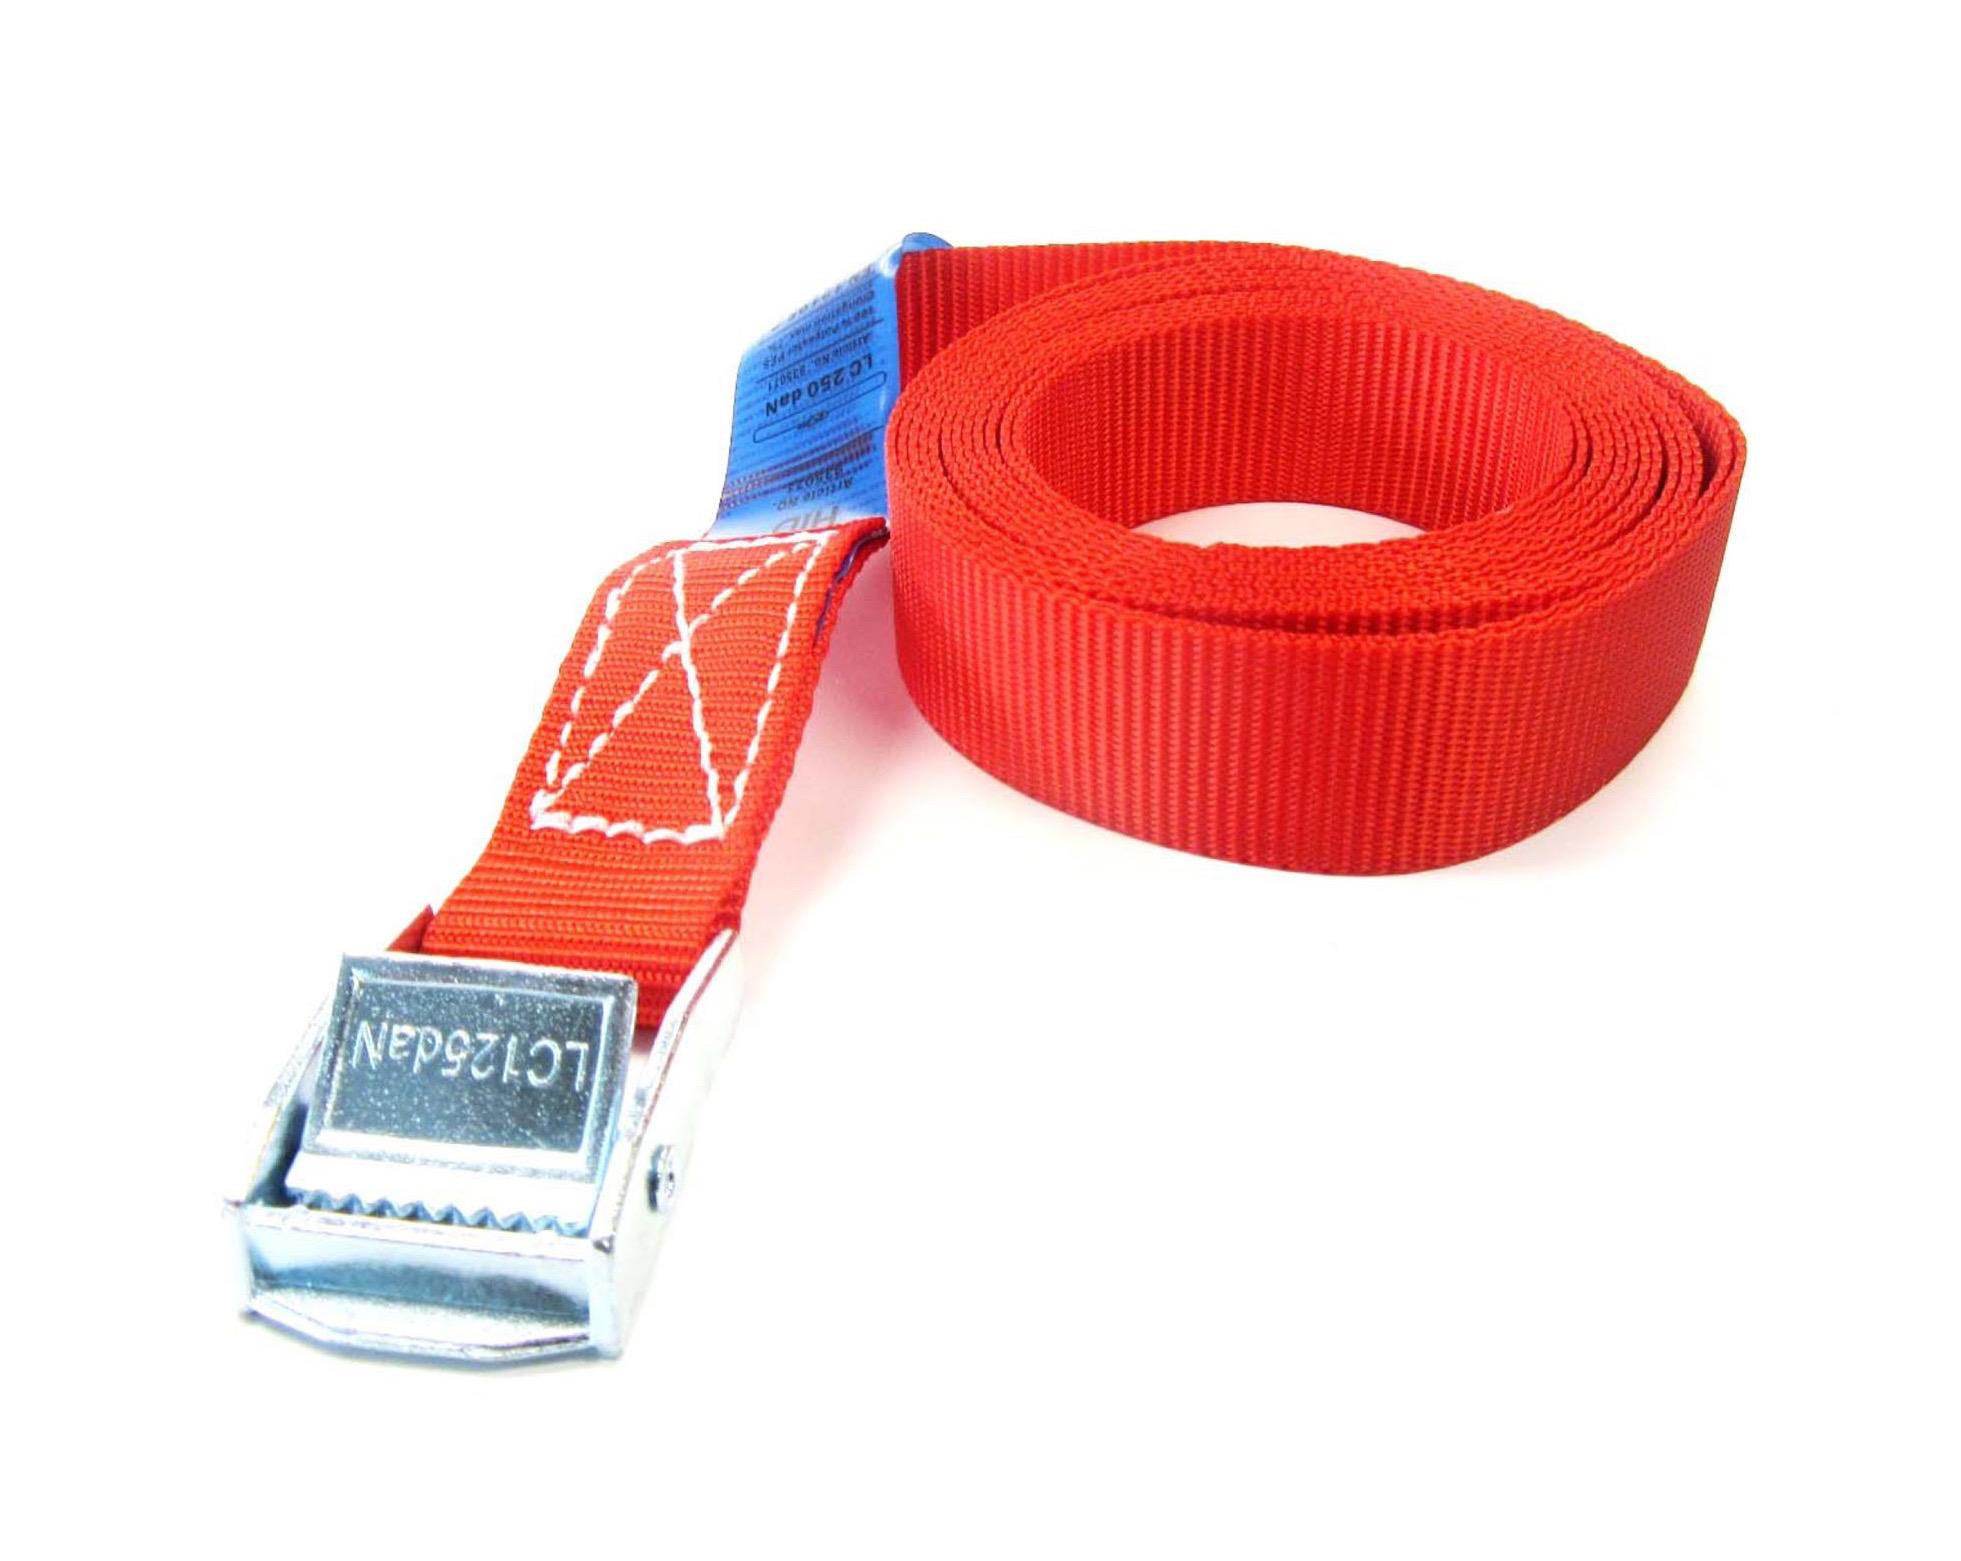 Rode spanbanden 4,5 meter 100 stuks